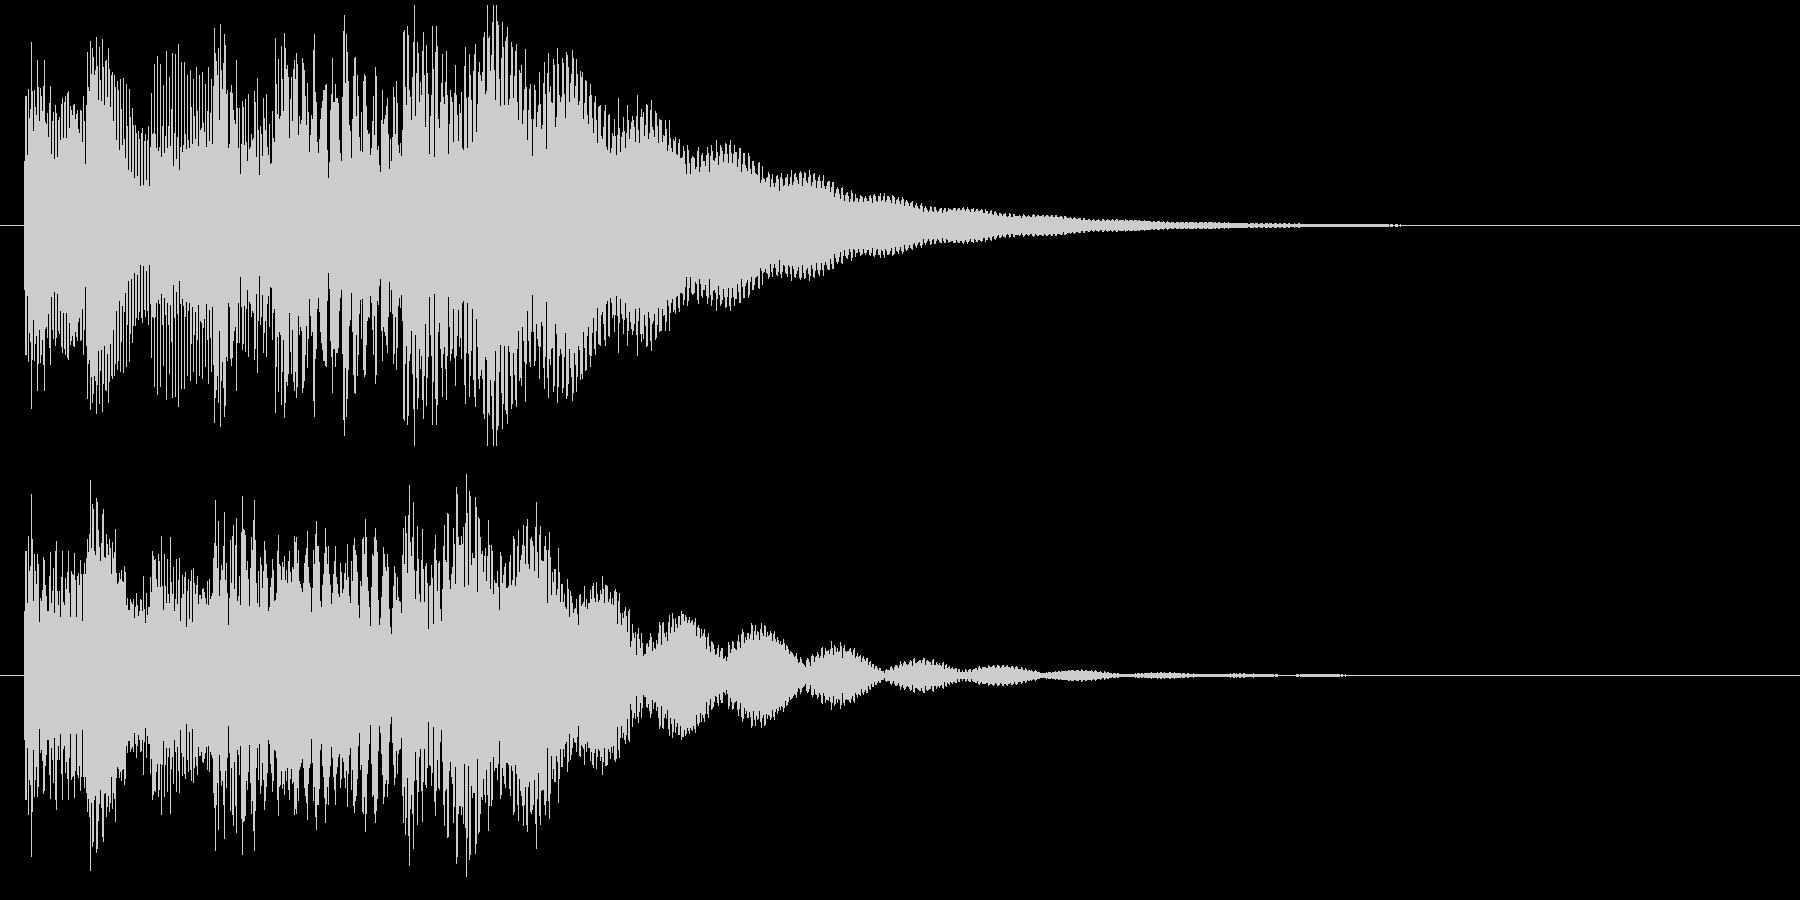 チャイム音の場転用ジングルの未再生の波形